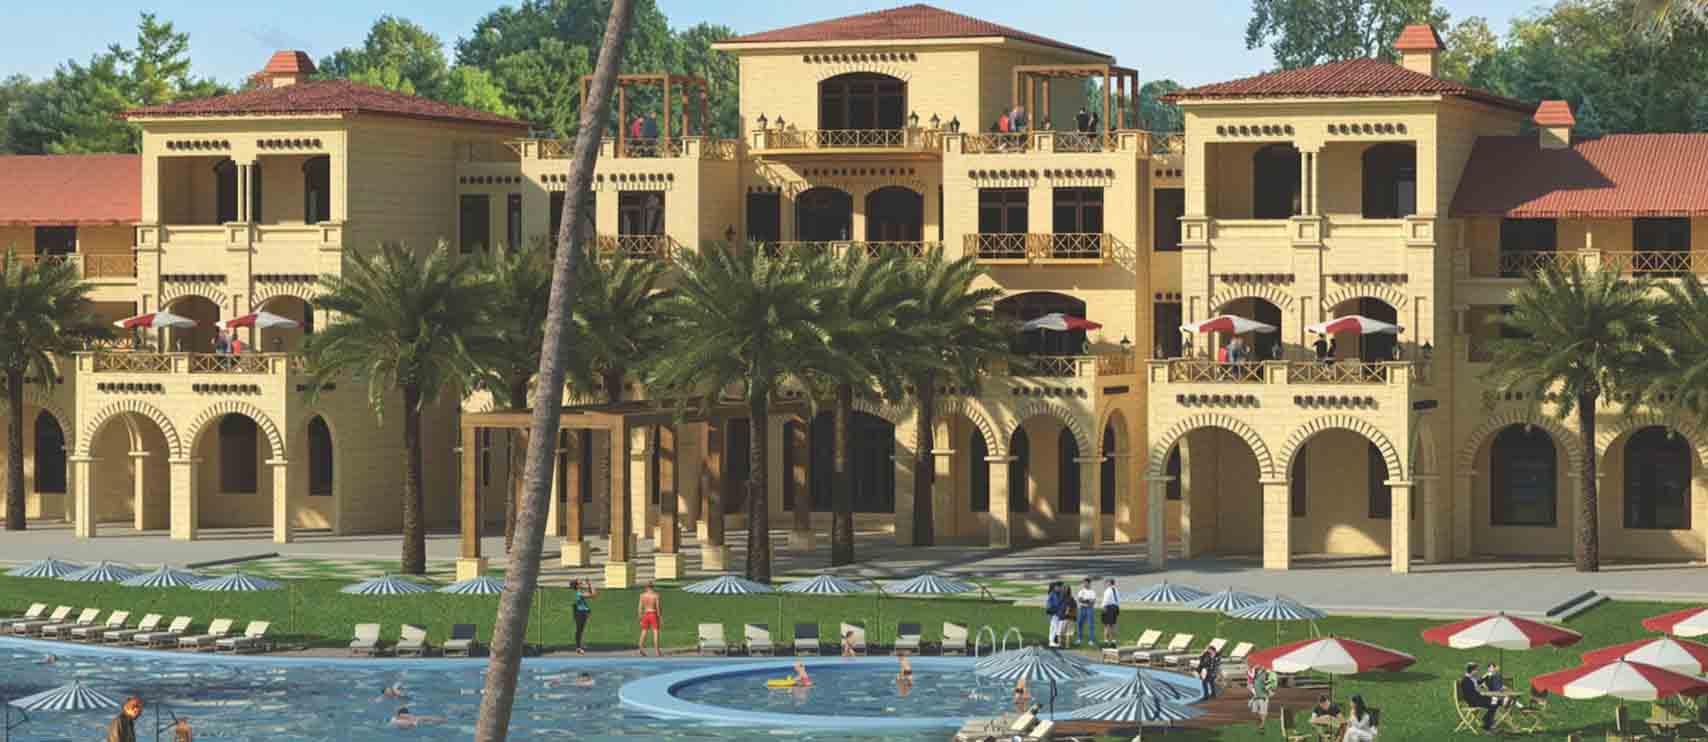 Oshun by Eiwan - Beachfront Resort-Style Housing